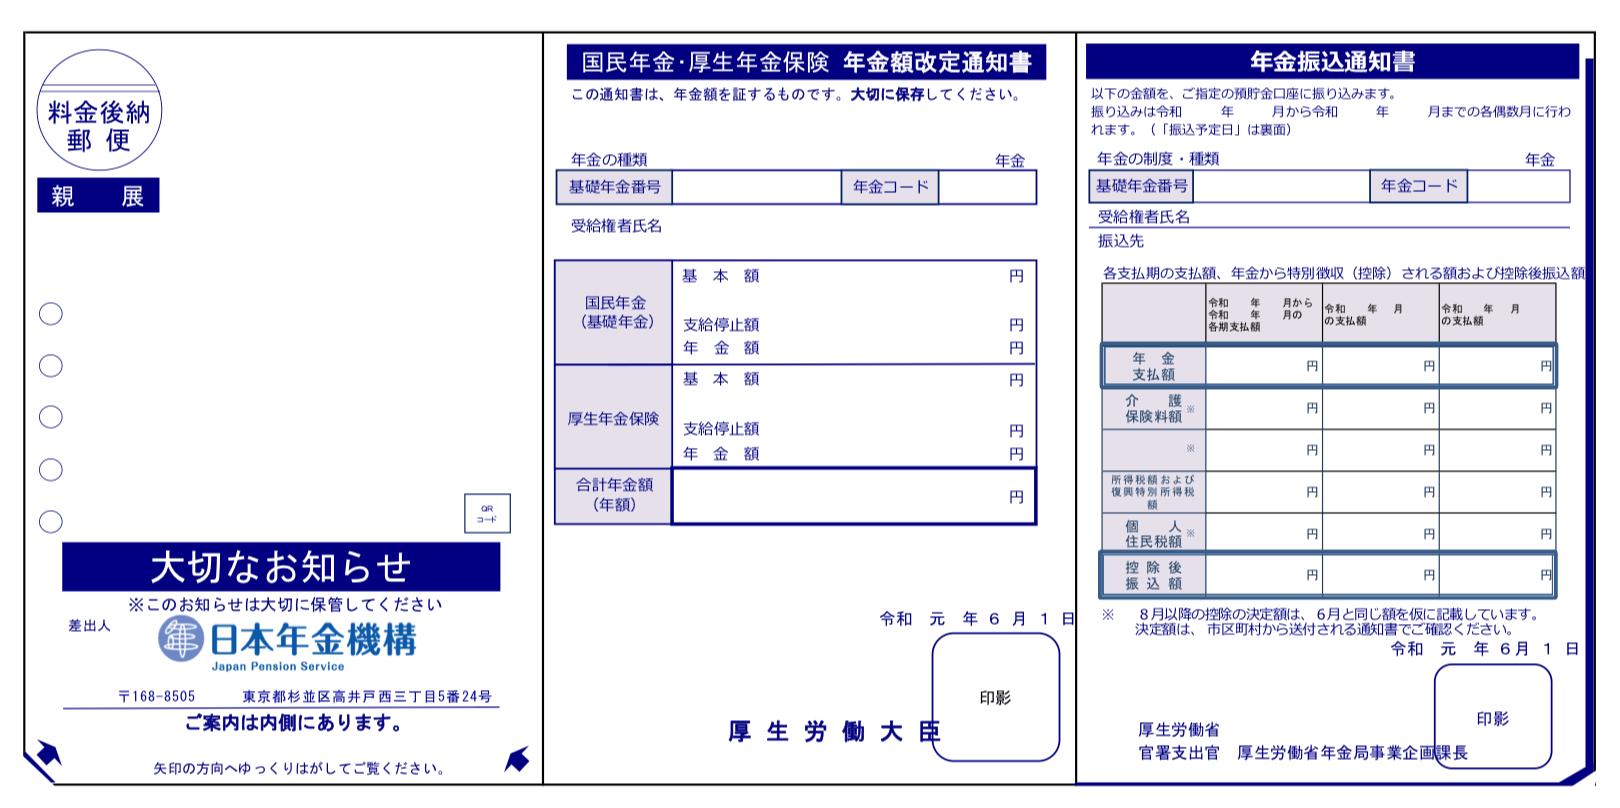 年金振込通知書のイメージ